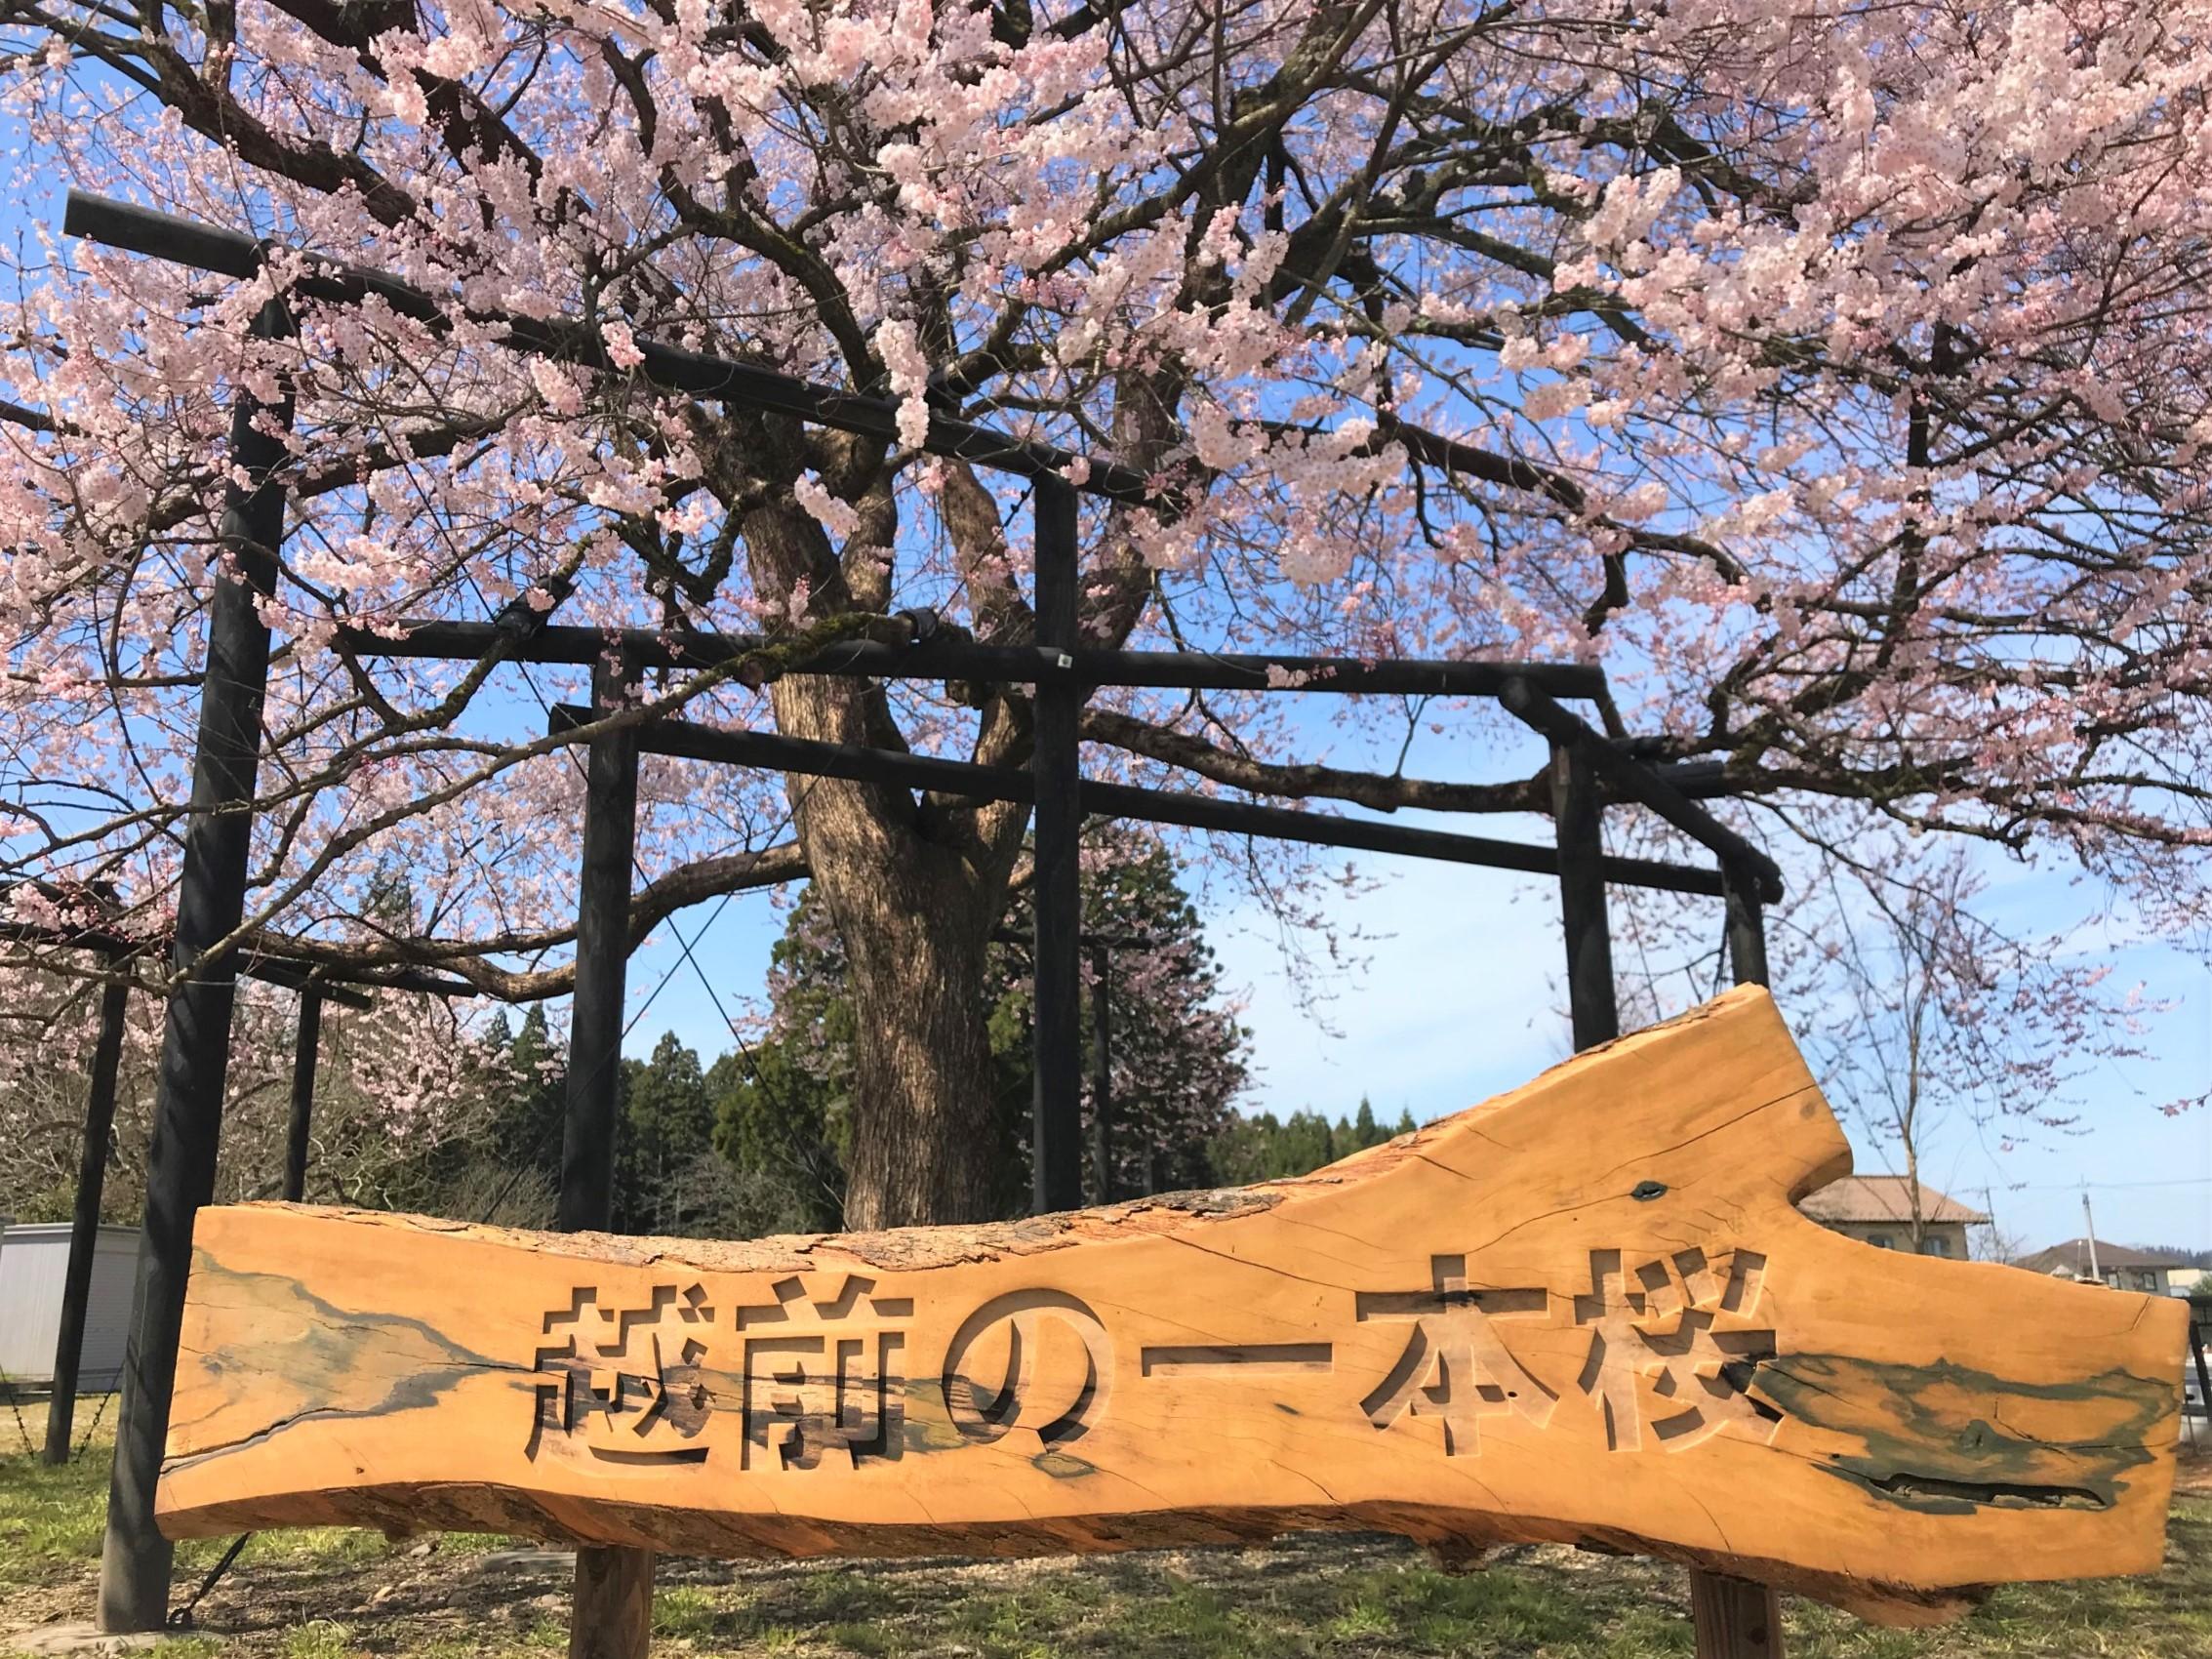 名物「味真野の一本桜」は1本じゃなかった!! 今まさに満開です。【ちょいネタ】